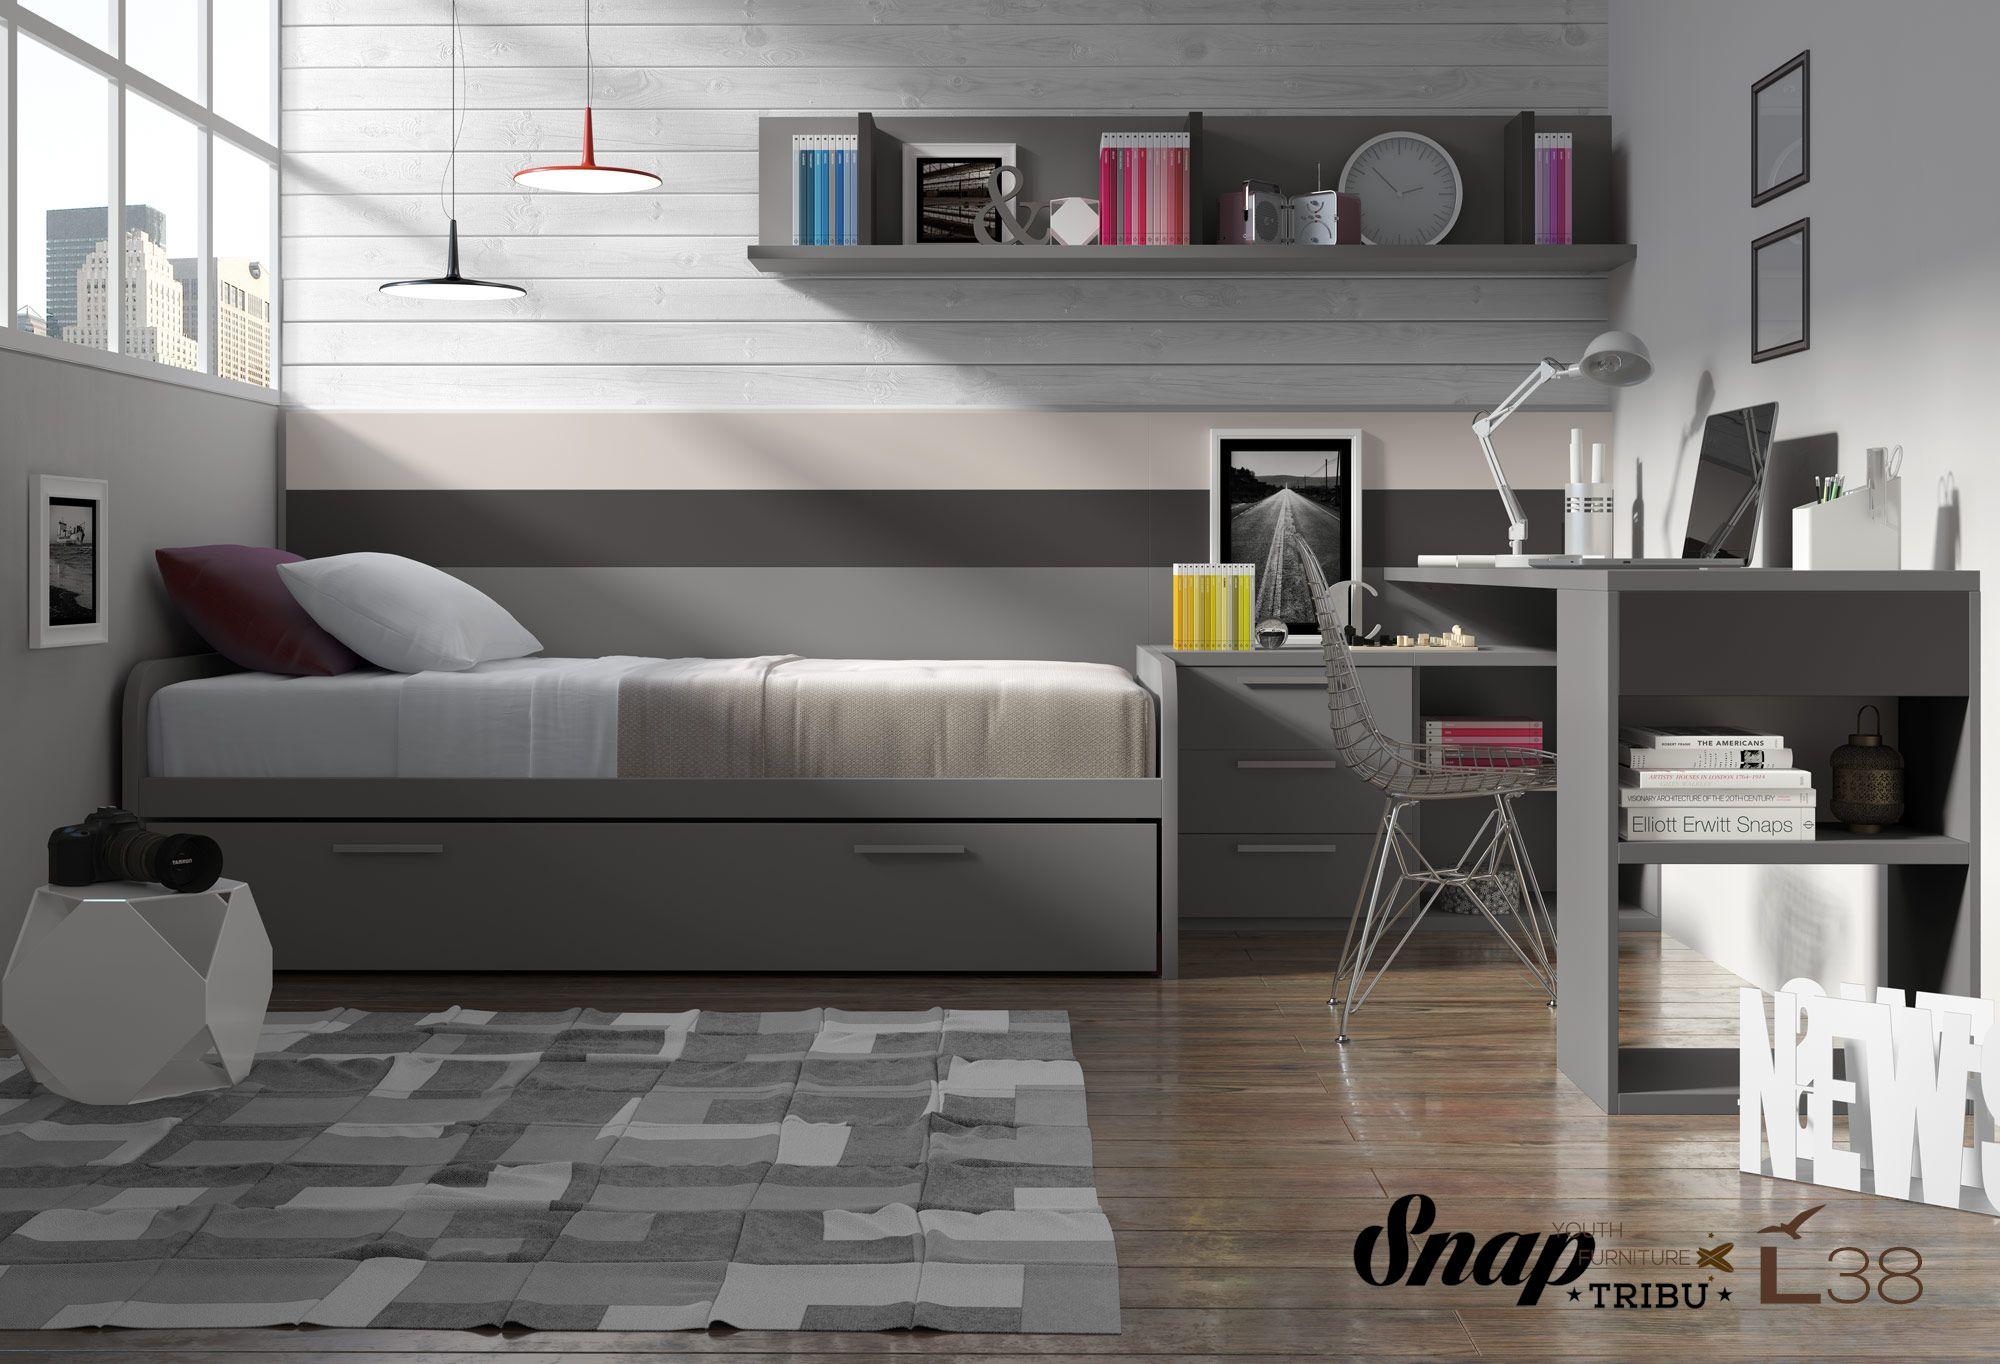 Tribu Snap Muebles Hermida Mueble Juvenil L38 Tribu Snap  # Muebles Necesarios En Un Dormitorio